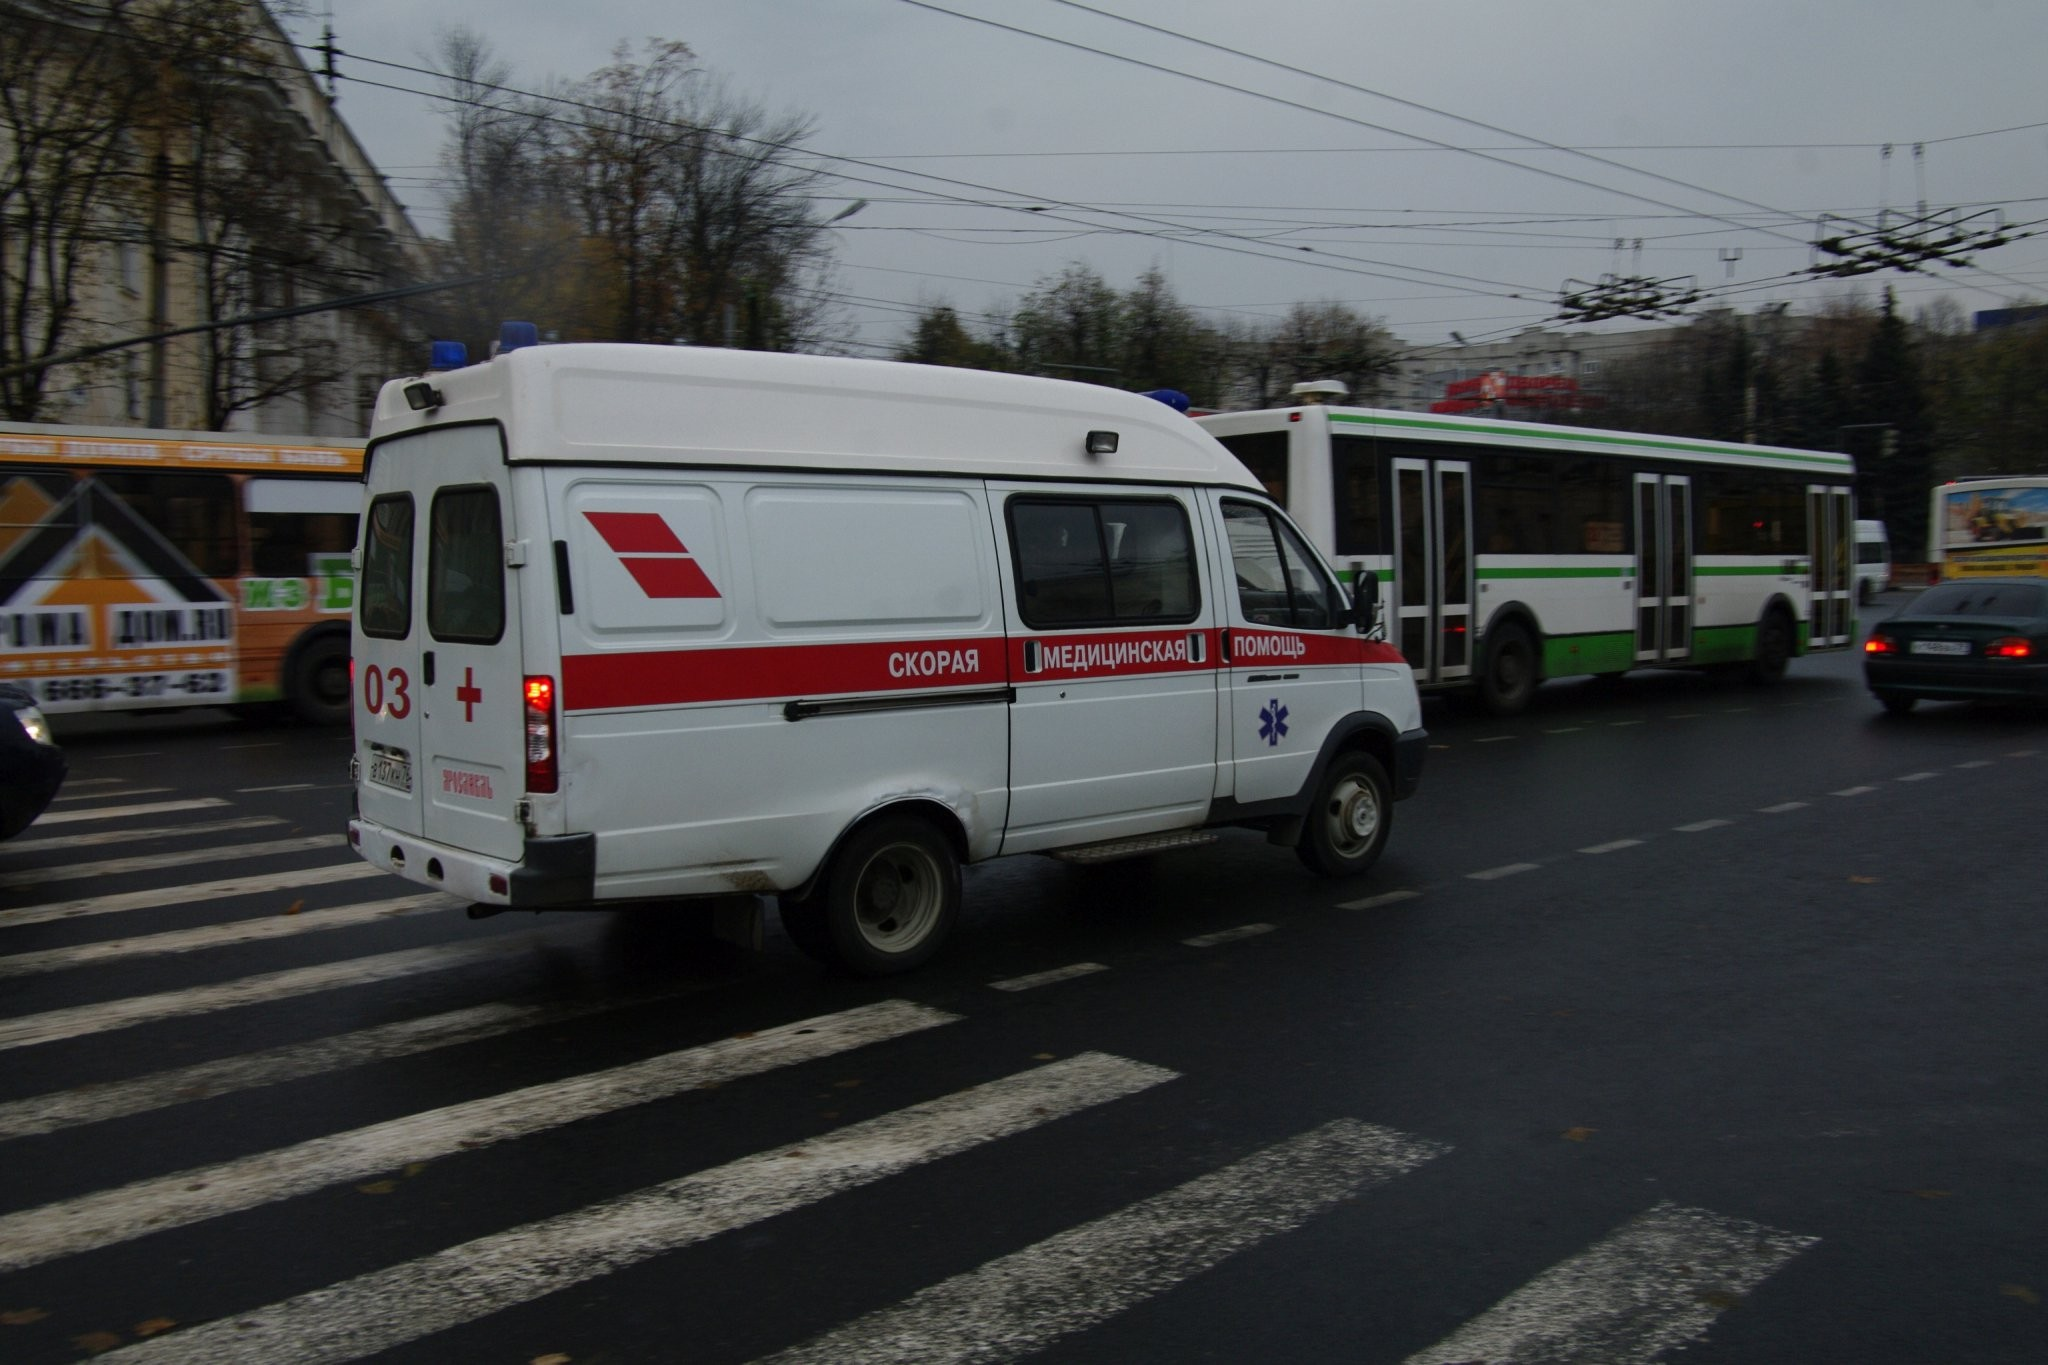 Шофёр автобуса насмерть сбил пешехода вАнгарске